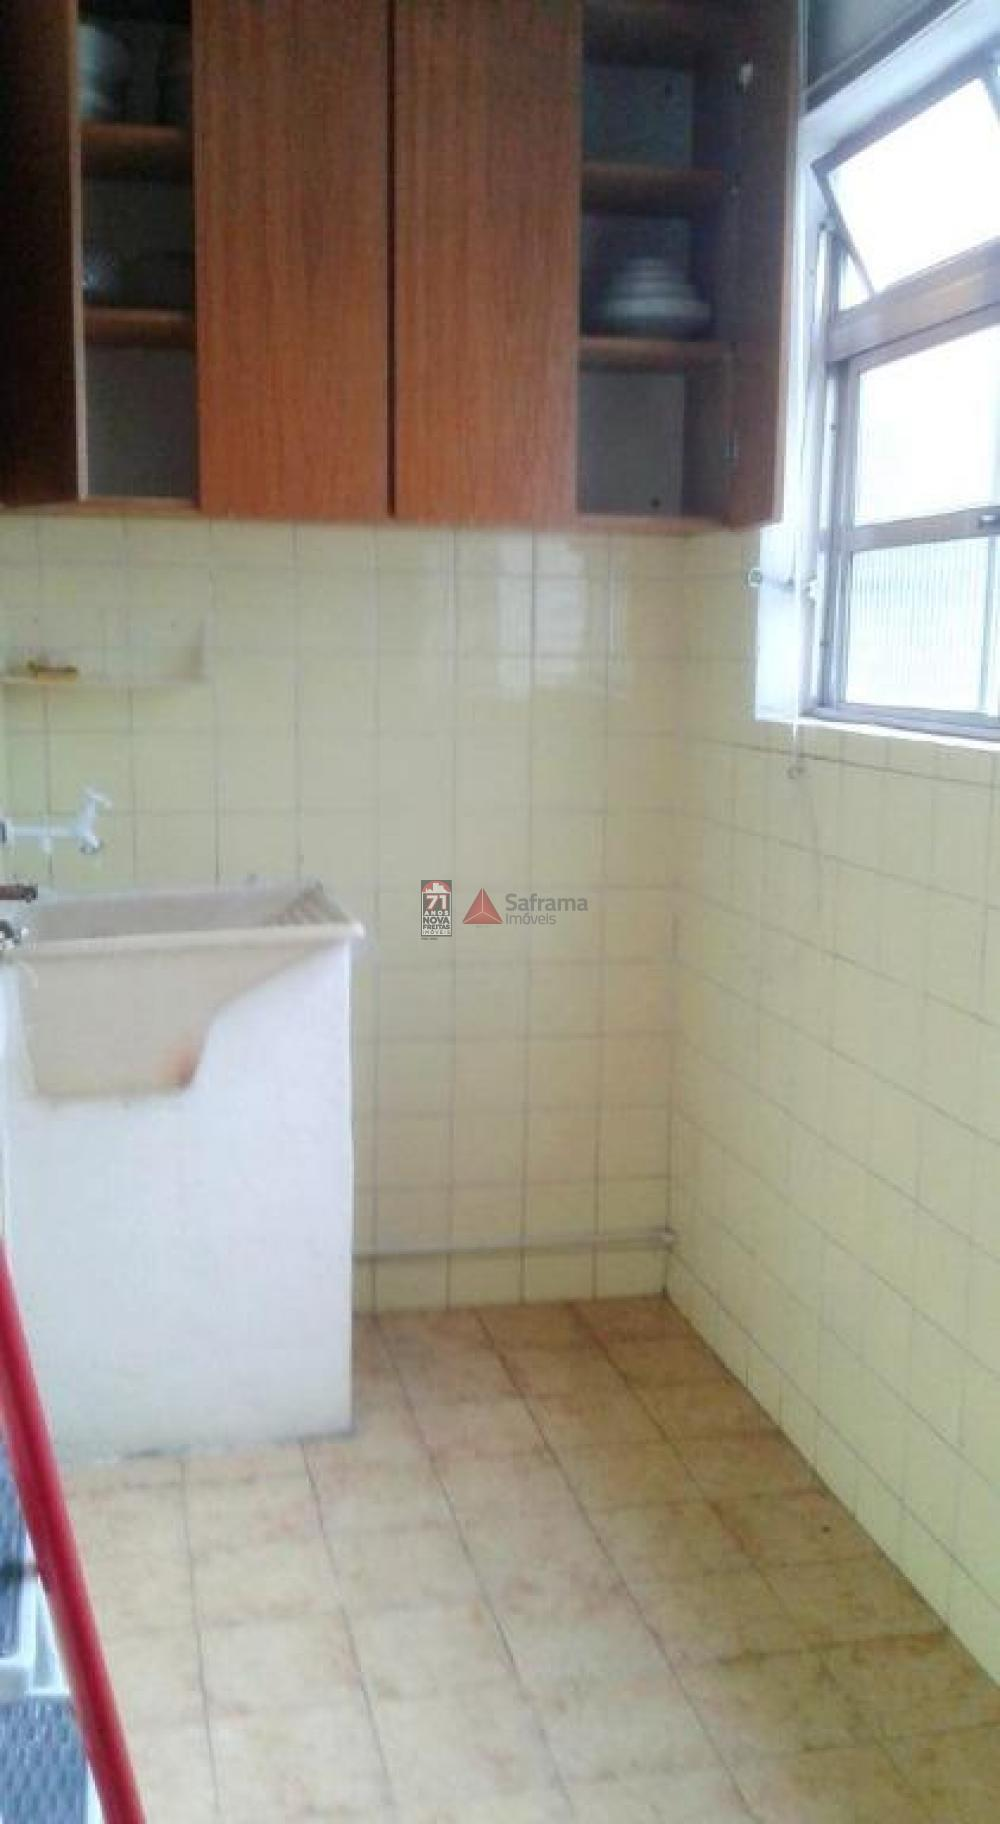 Comprar Apartamento / Padrão em São José dos Campos apenas R$ 290.000,00 - Foto 2